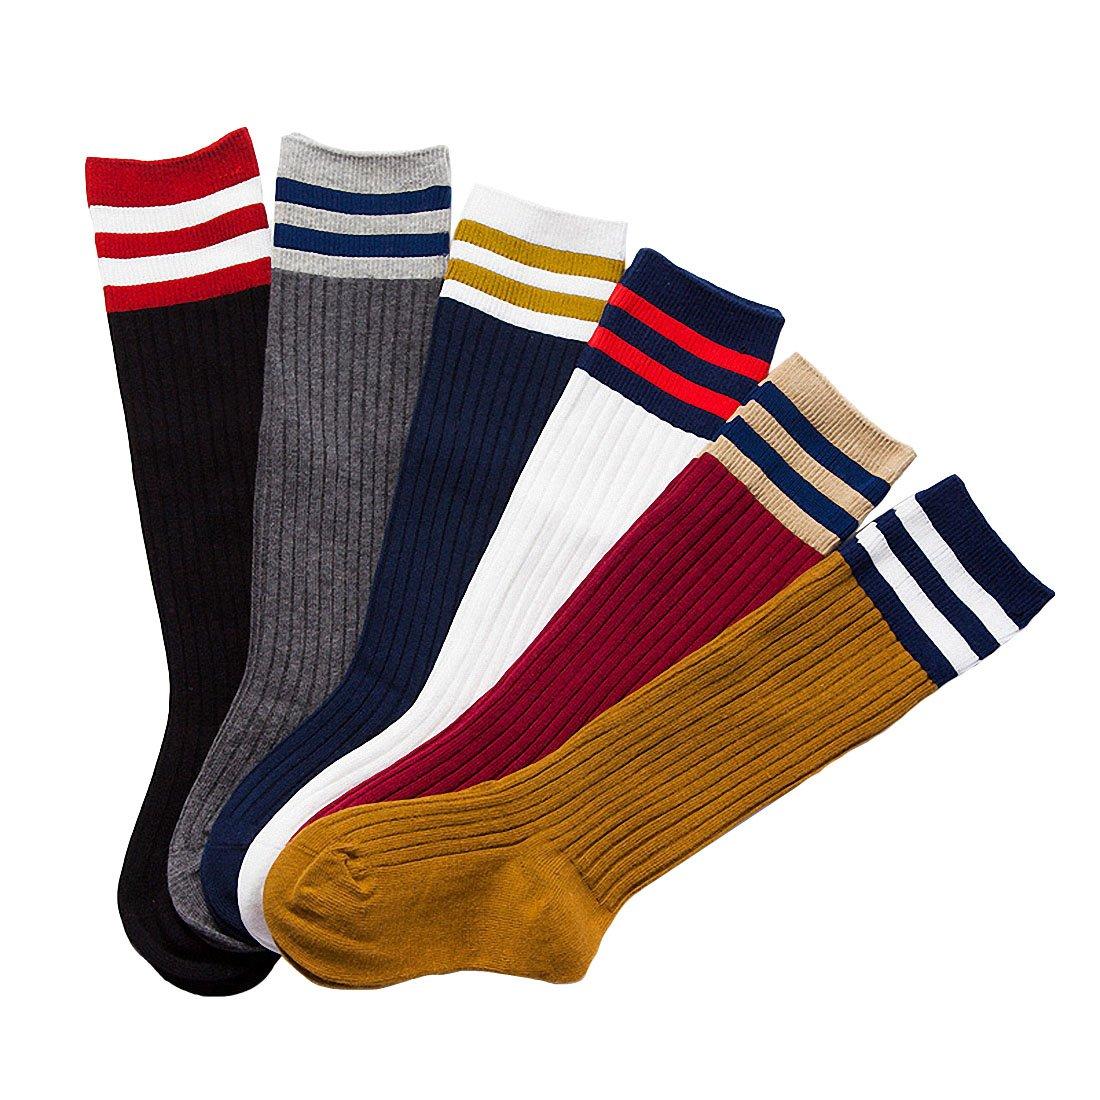 6 Pack Baby Girls Boys Toddler Kids Cotton Stripe Knee High Stockings Tube Football Socks (L(5~8T))